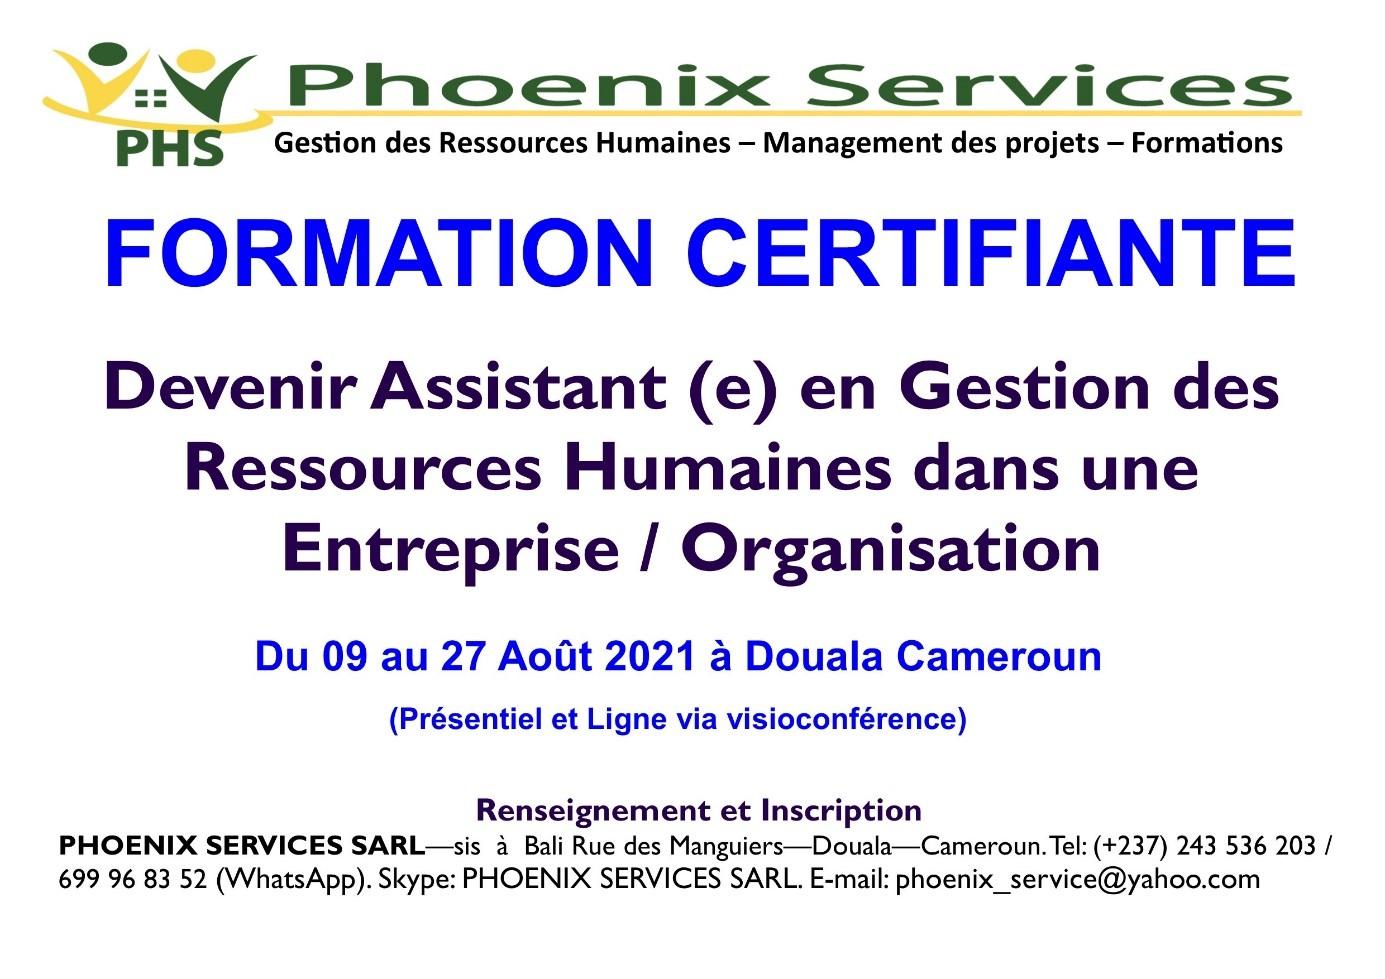 Formation Certifiante: Devenir Assistant(e) en Gestion des Ressources Humaines dans une entreprise